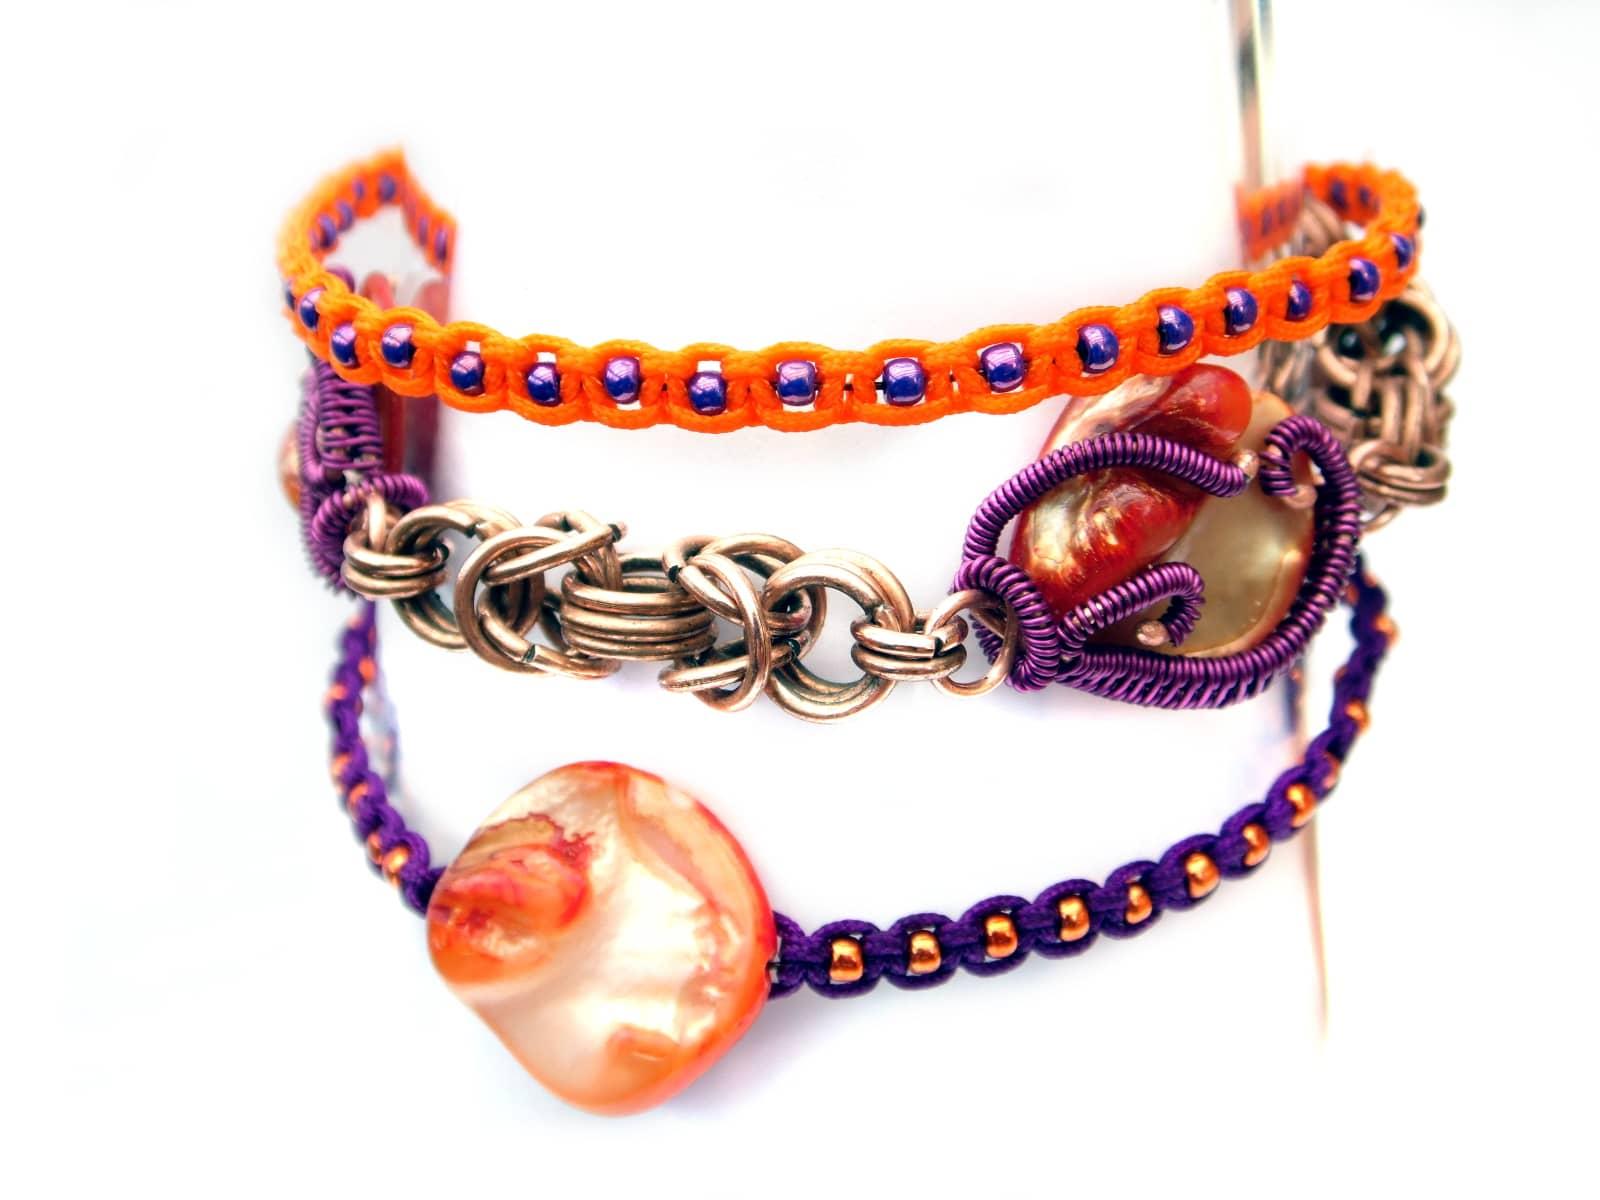 Bransoletka pomarańczowo fioletowa w trzech technikach: chainmaille, wire wrapping i makrama